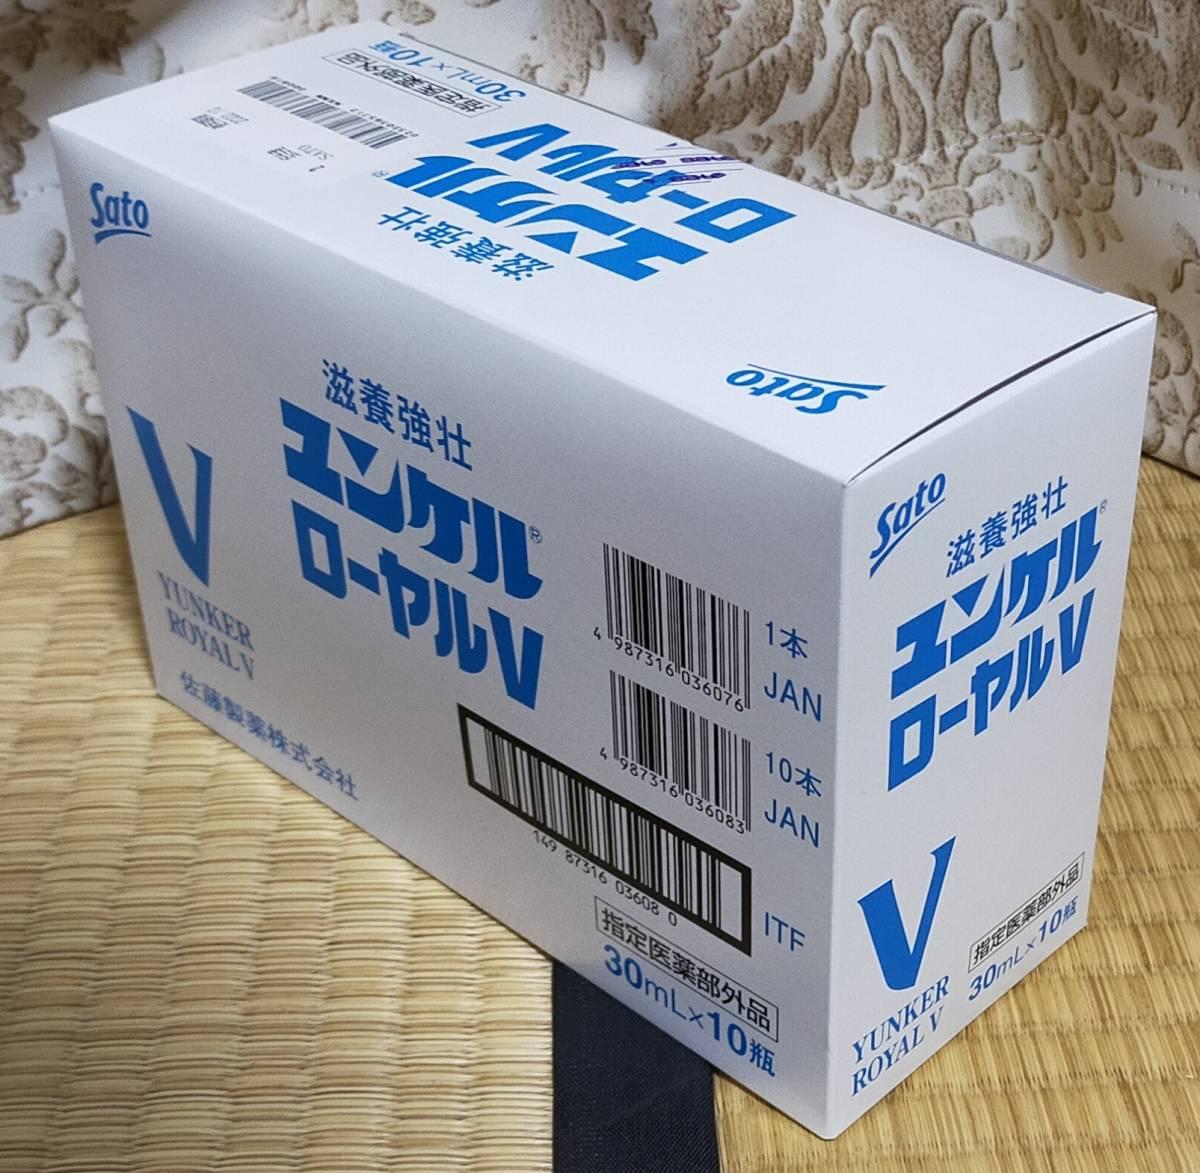 【激安】佐藤製薬 指定医薬部外品 ローヤルゼリー配合「ユンケルローヤルV」 10本(1箱) 新品未開封!_画像3